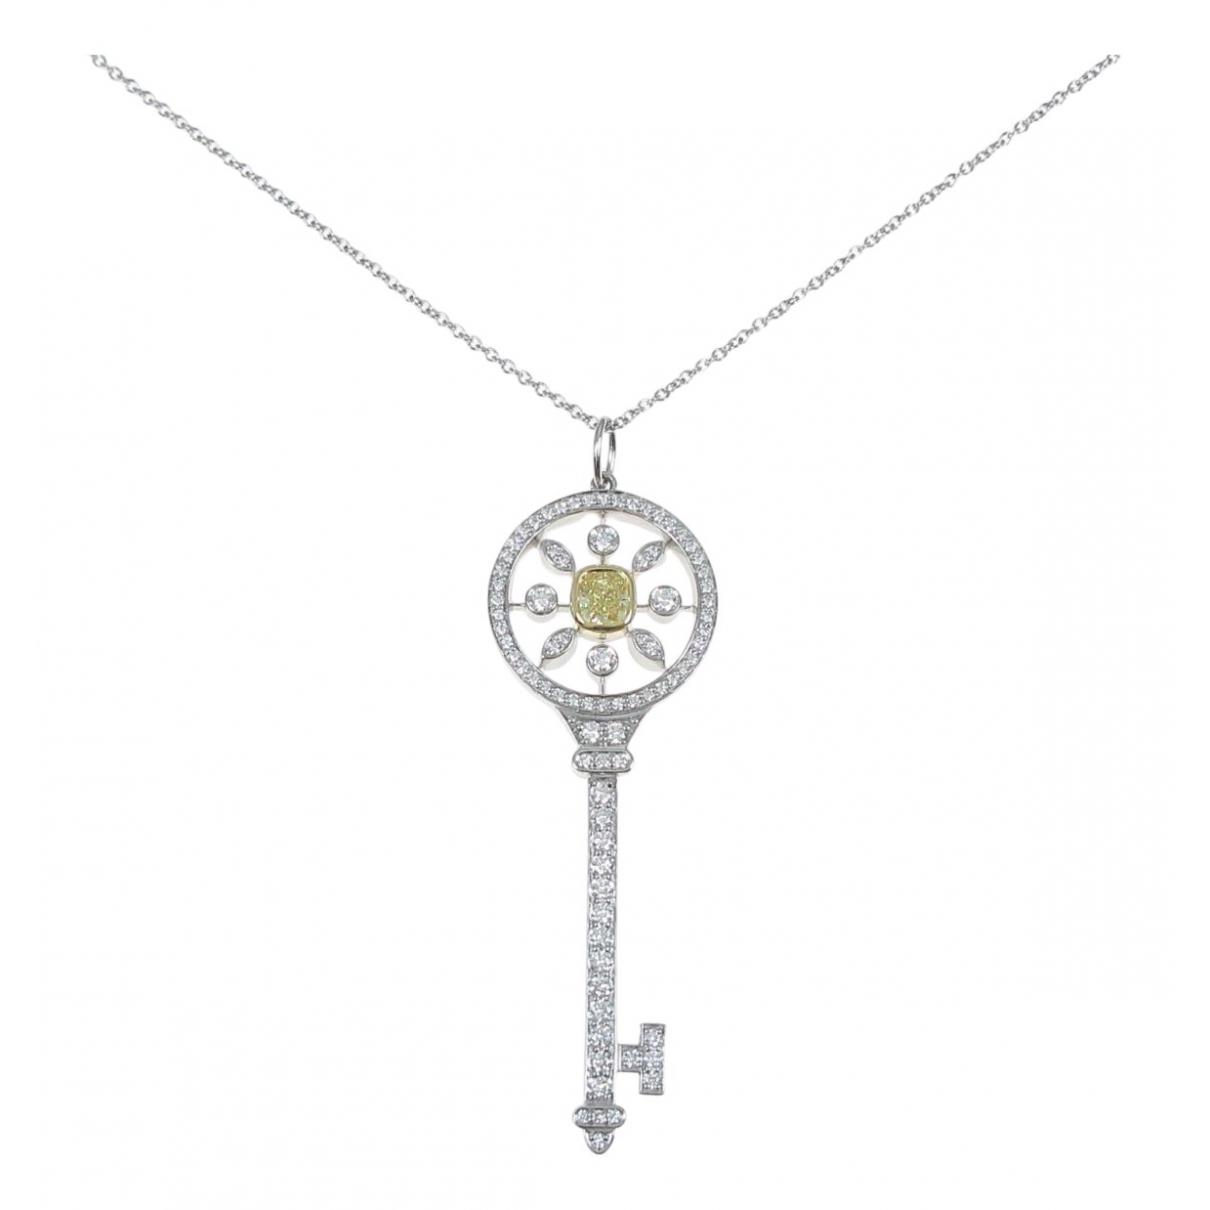 Tiffany & Co - Collier Cles Tiffany pour femme en platine - argente